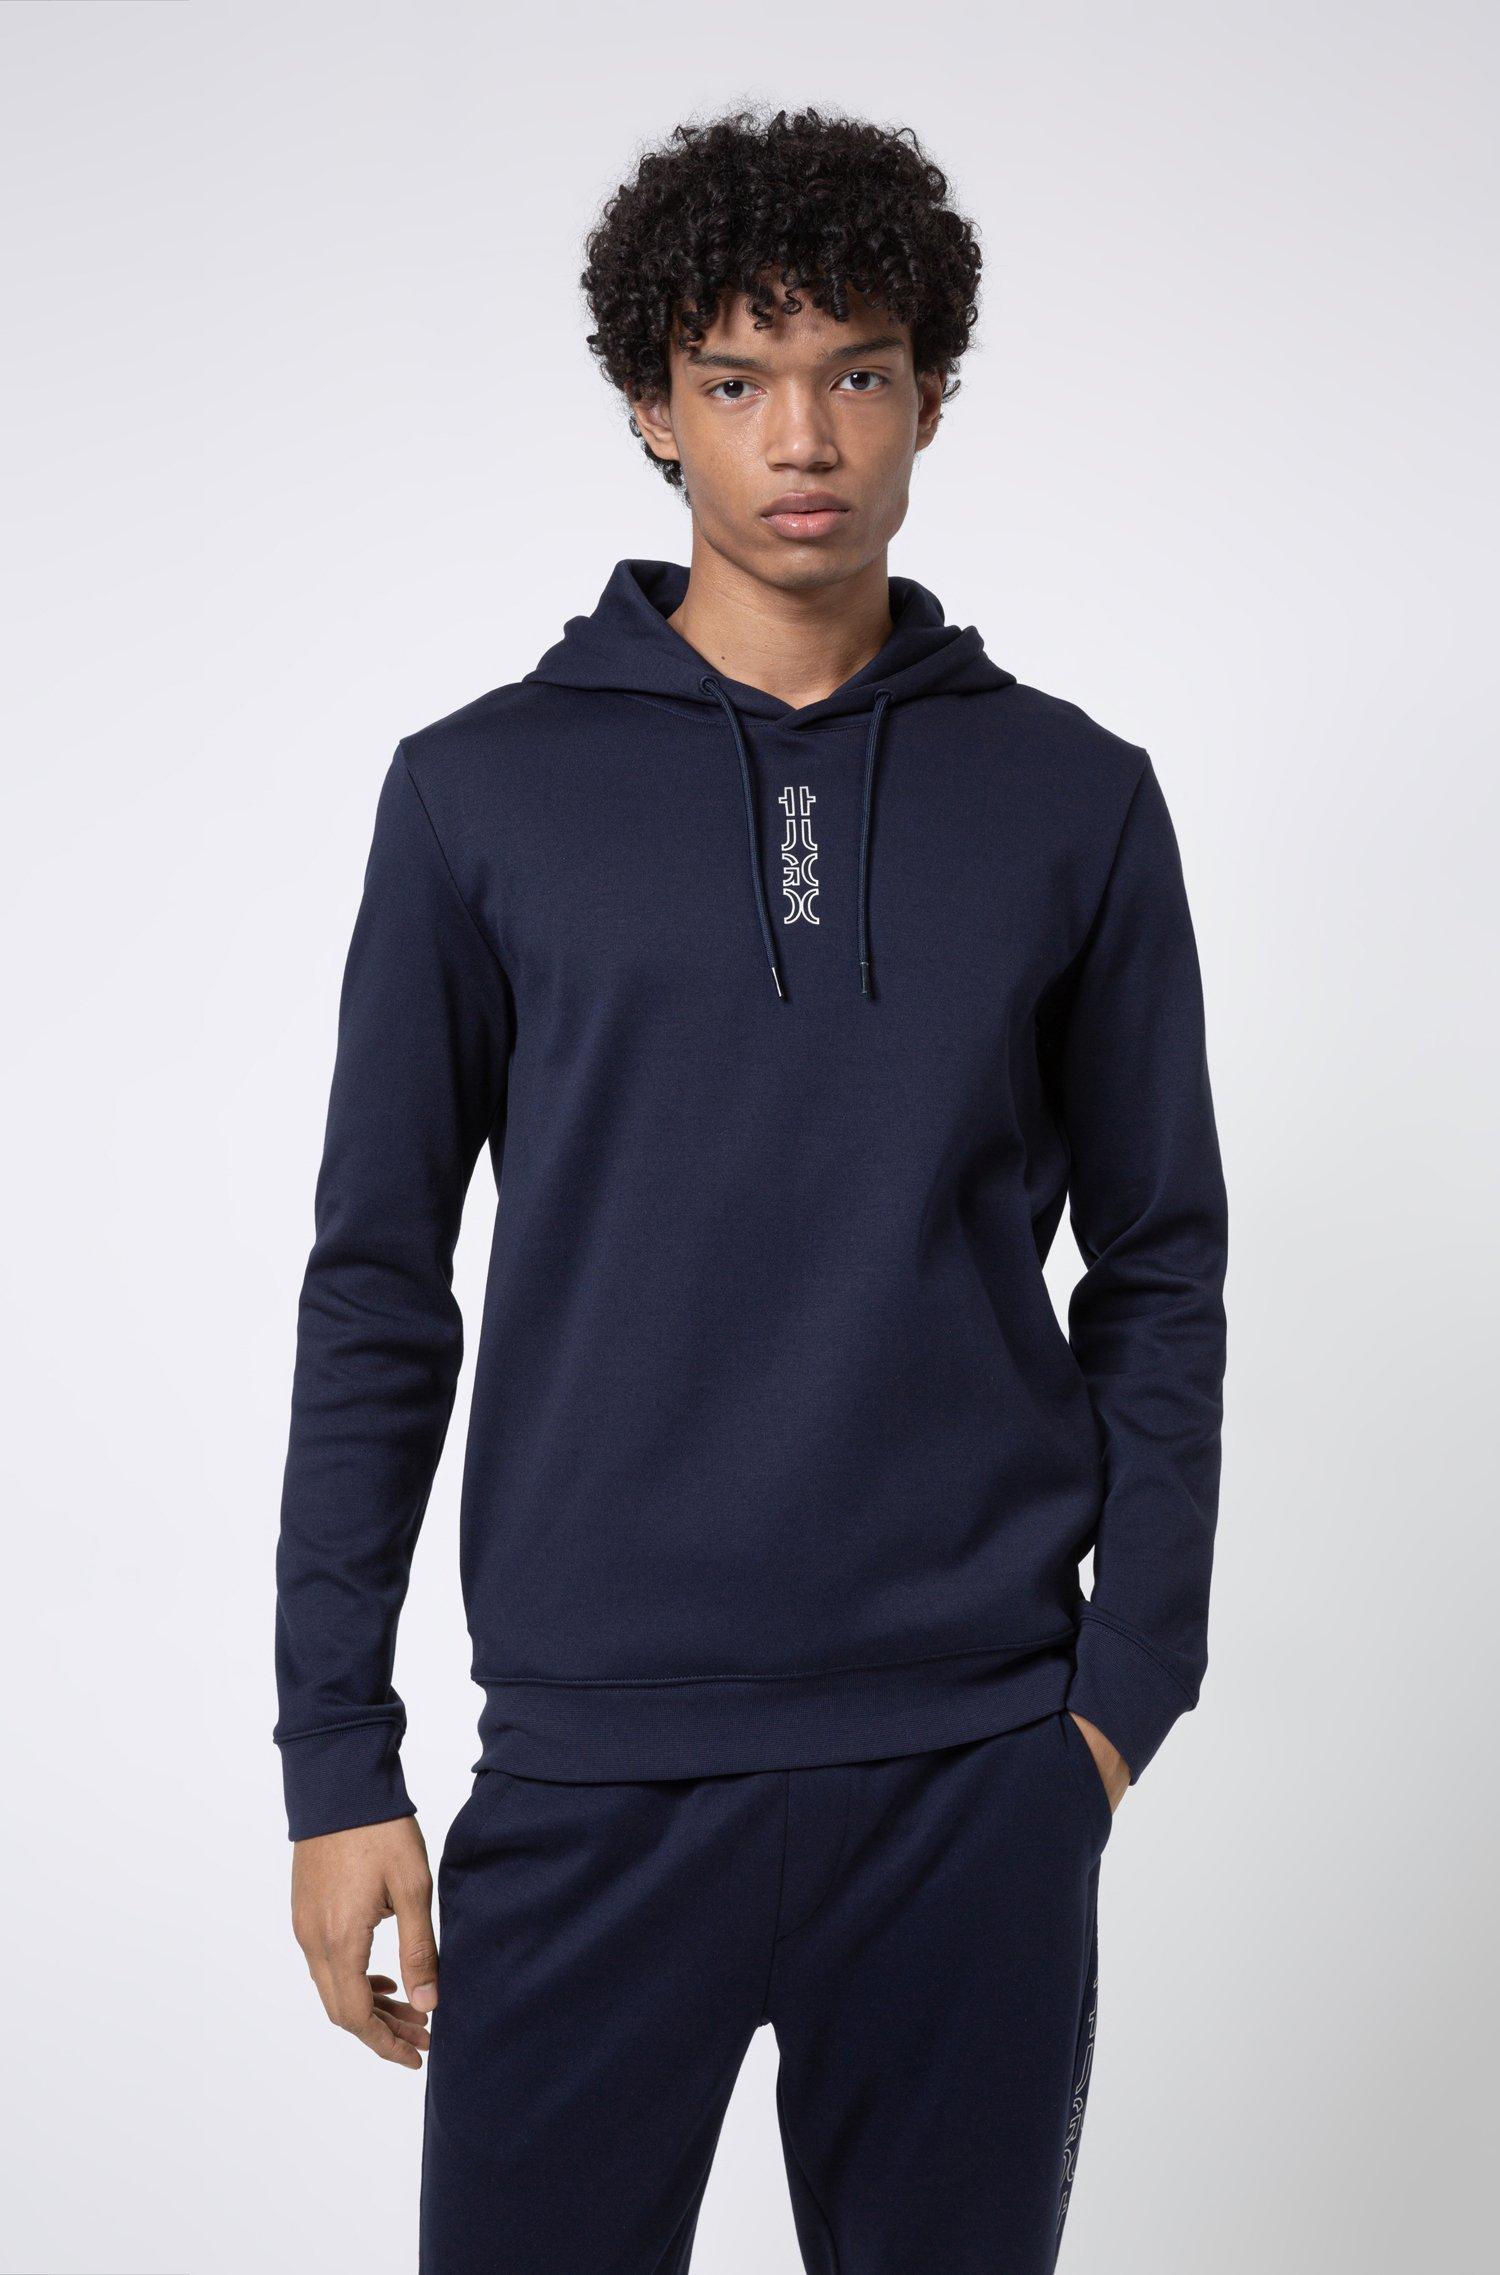 Sweat à capuche en coton interlock avec logo revisité, Bleu foncé